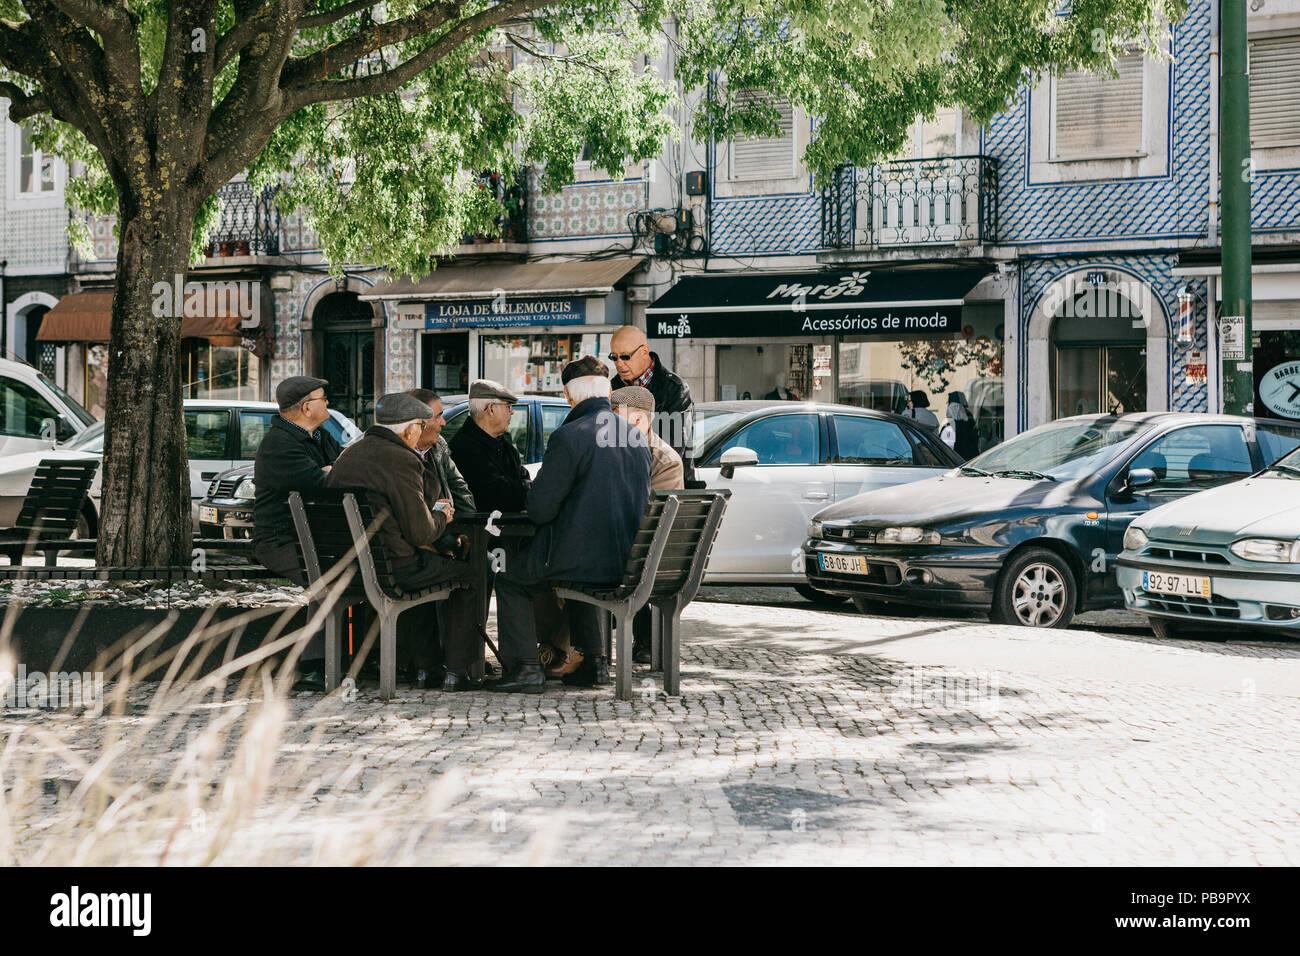 Portugal, Lisboa, 01 de mayo de 2018: Ancianos lugareños portugués sentarse en el banquillo y comunicarse. Imagen De Stock